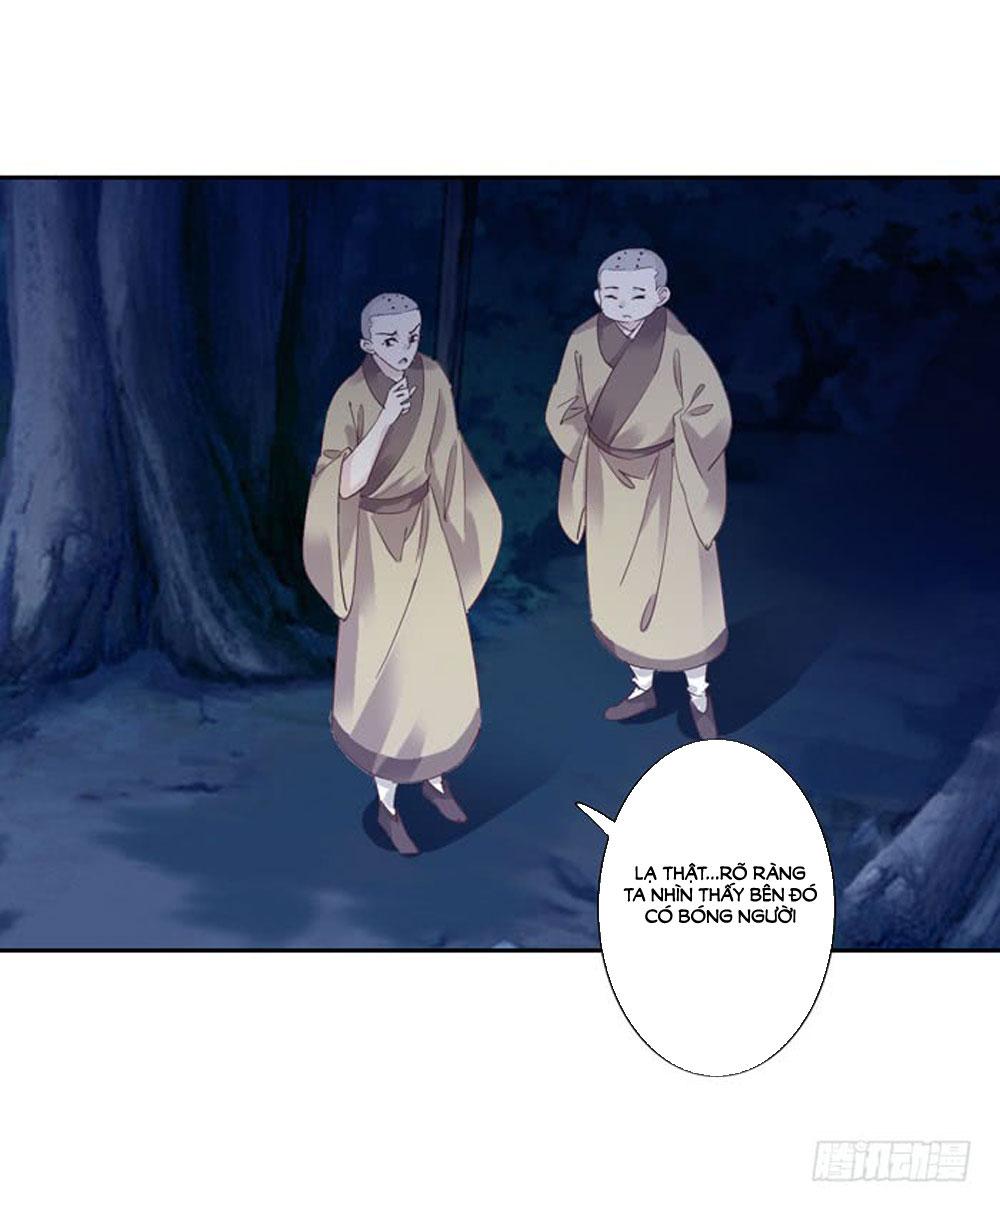 Thiền Tâm Vấn Đạo - Chap 31